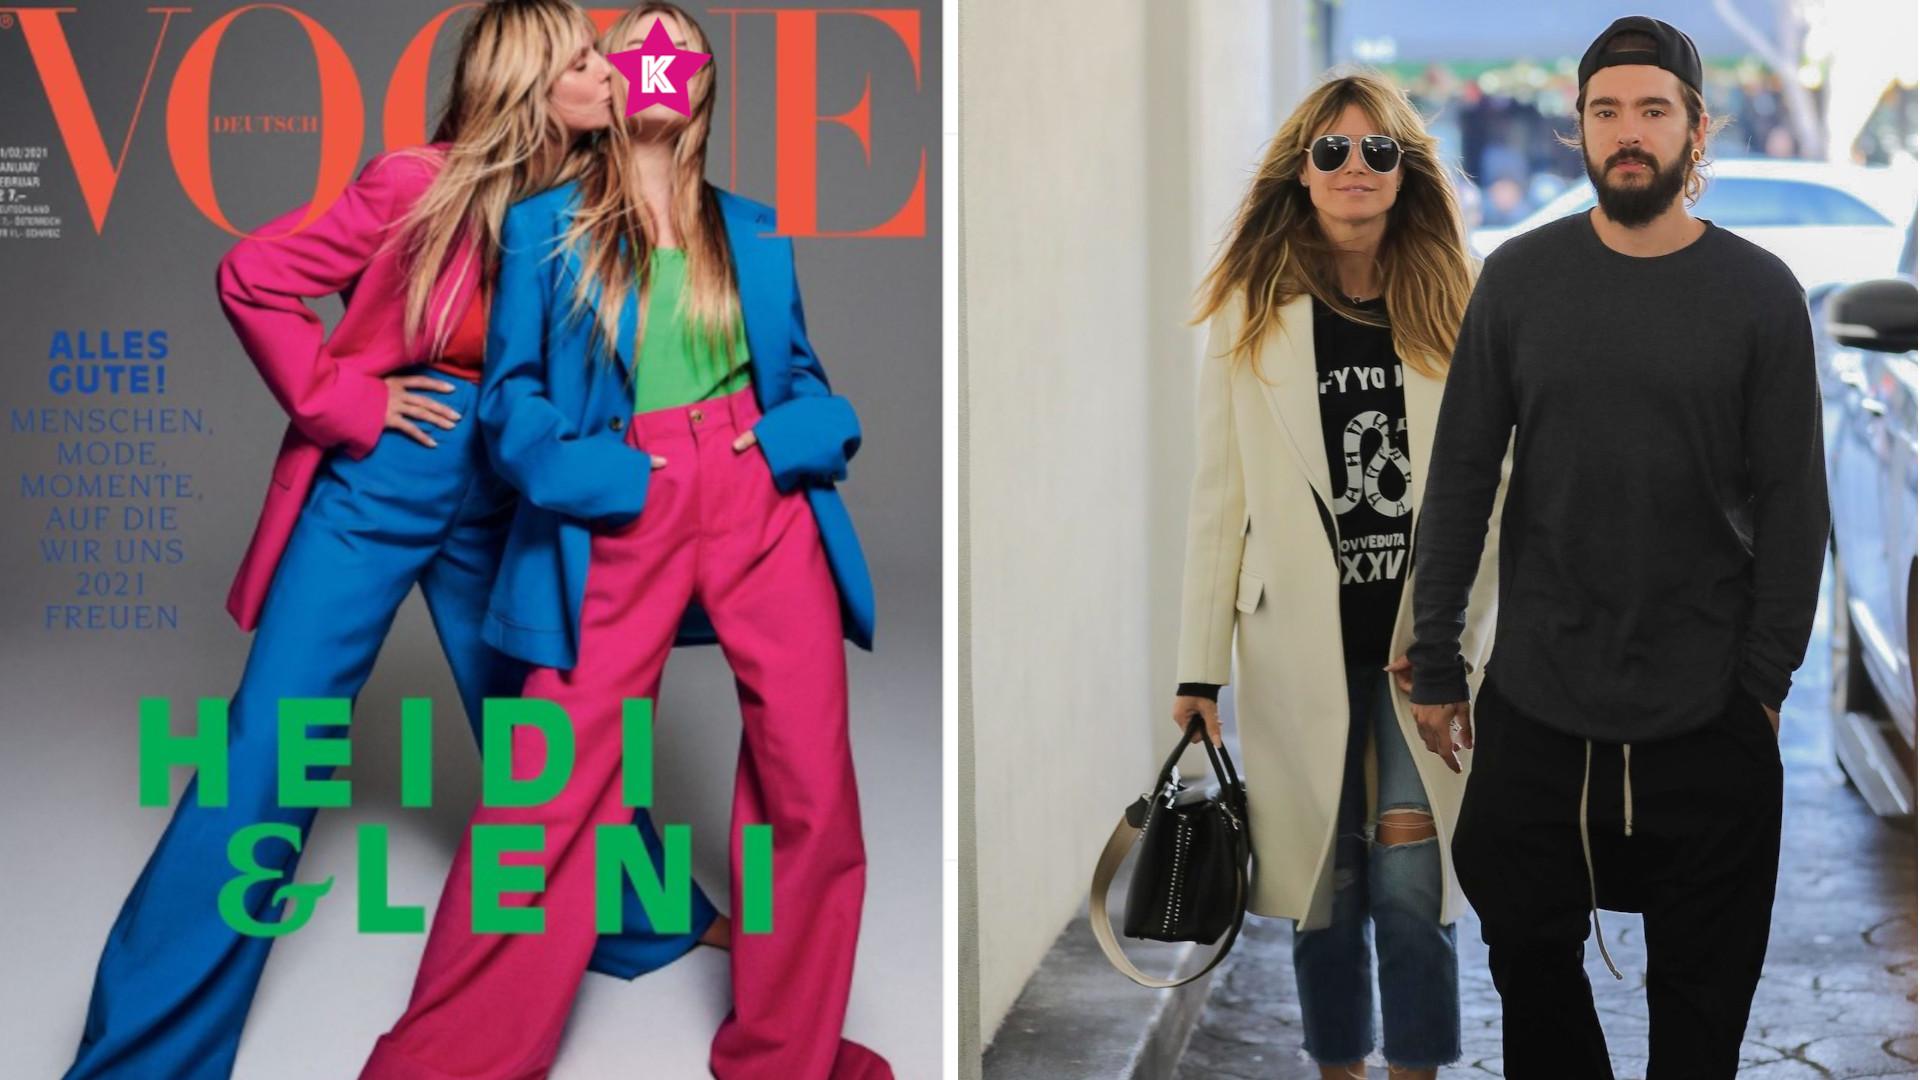 Tak wygląda córka Heidi Klum! Zadebiutowała na okładce Vogue'a!